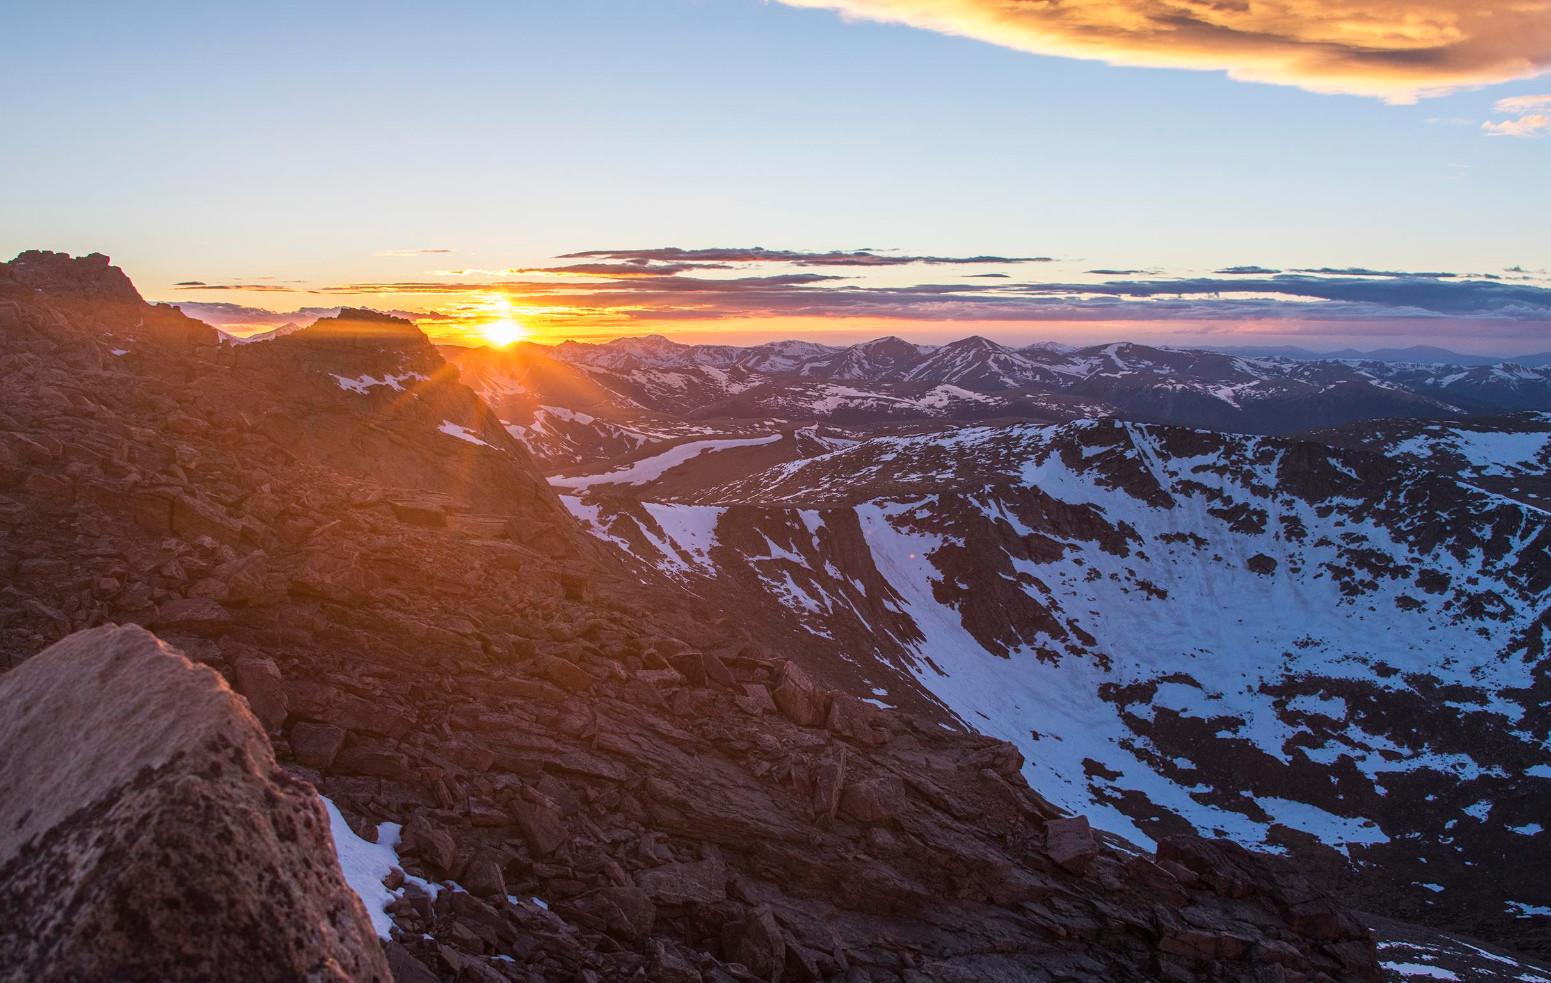 The Mount Evan